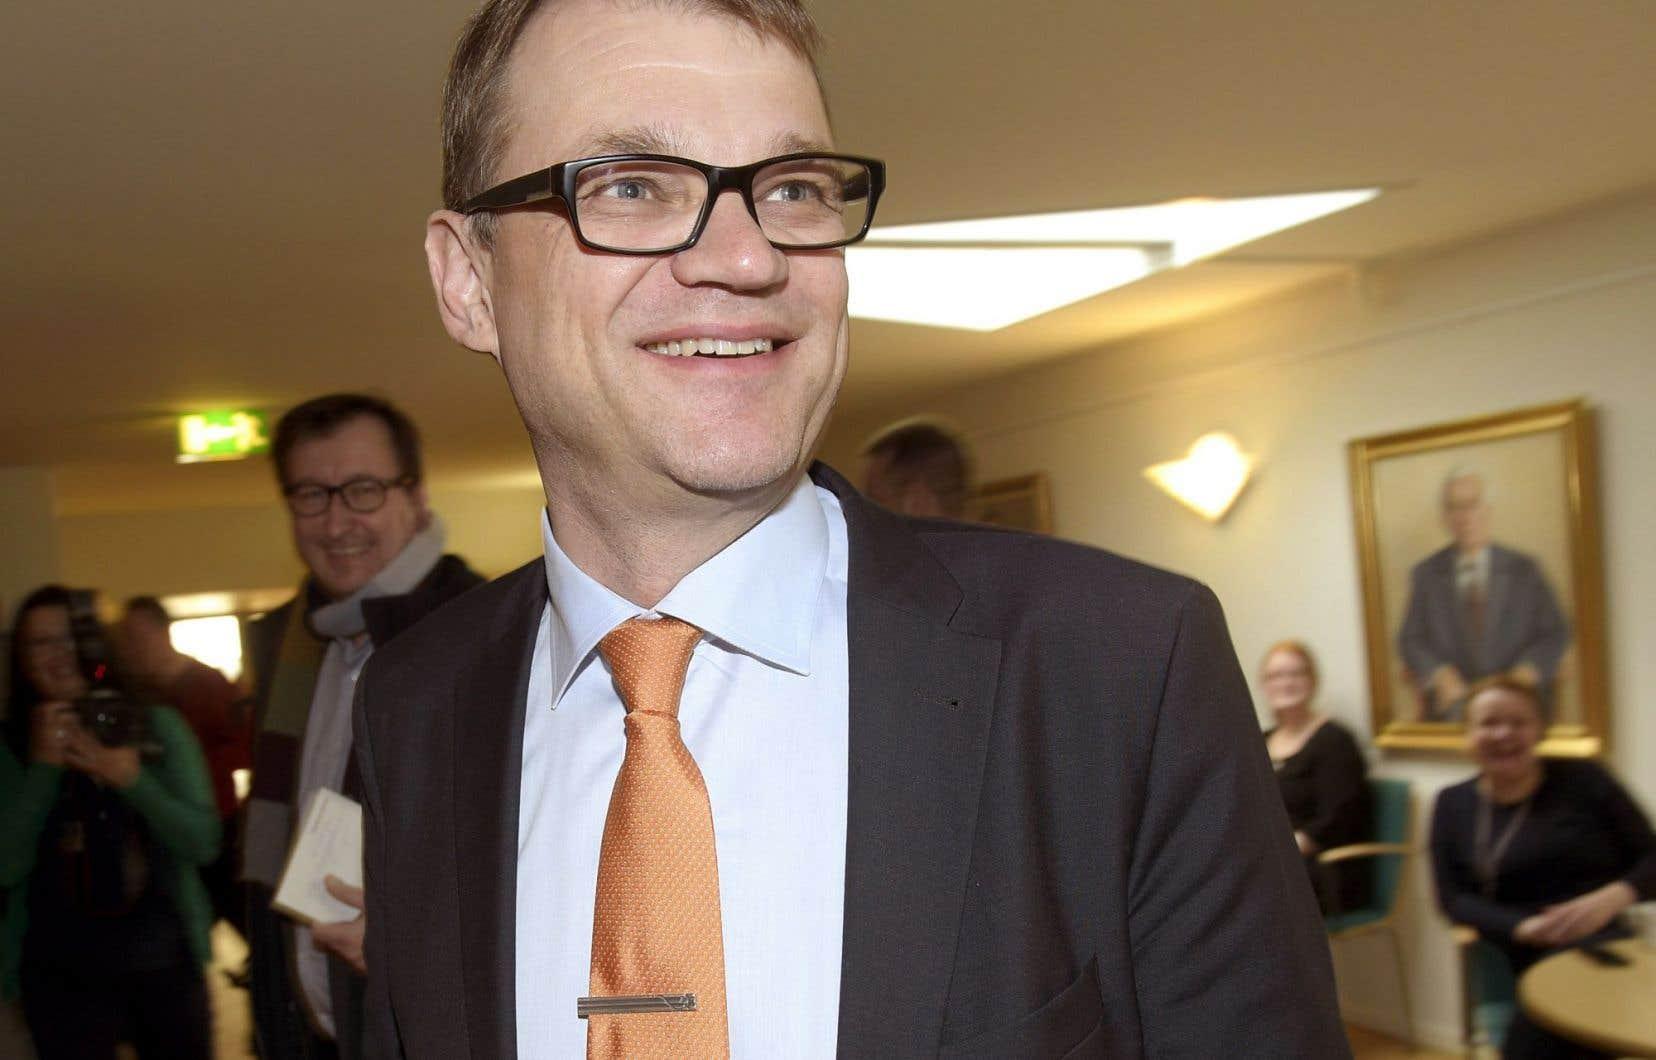 Le centriste Juha Sipiläa promis durant sa campagne de rompre avec les dysfonctionnements du gouvernement sortant.